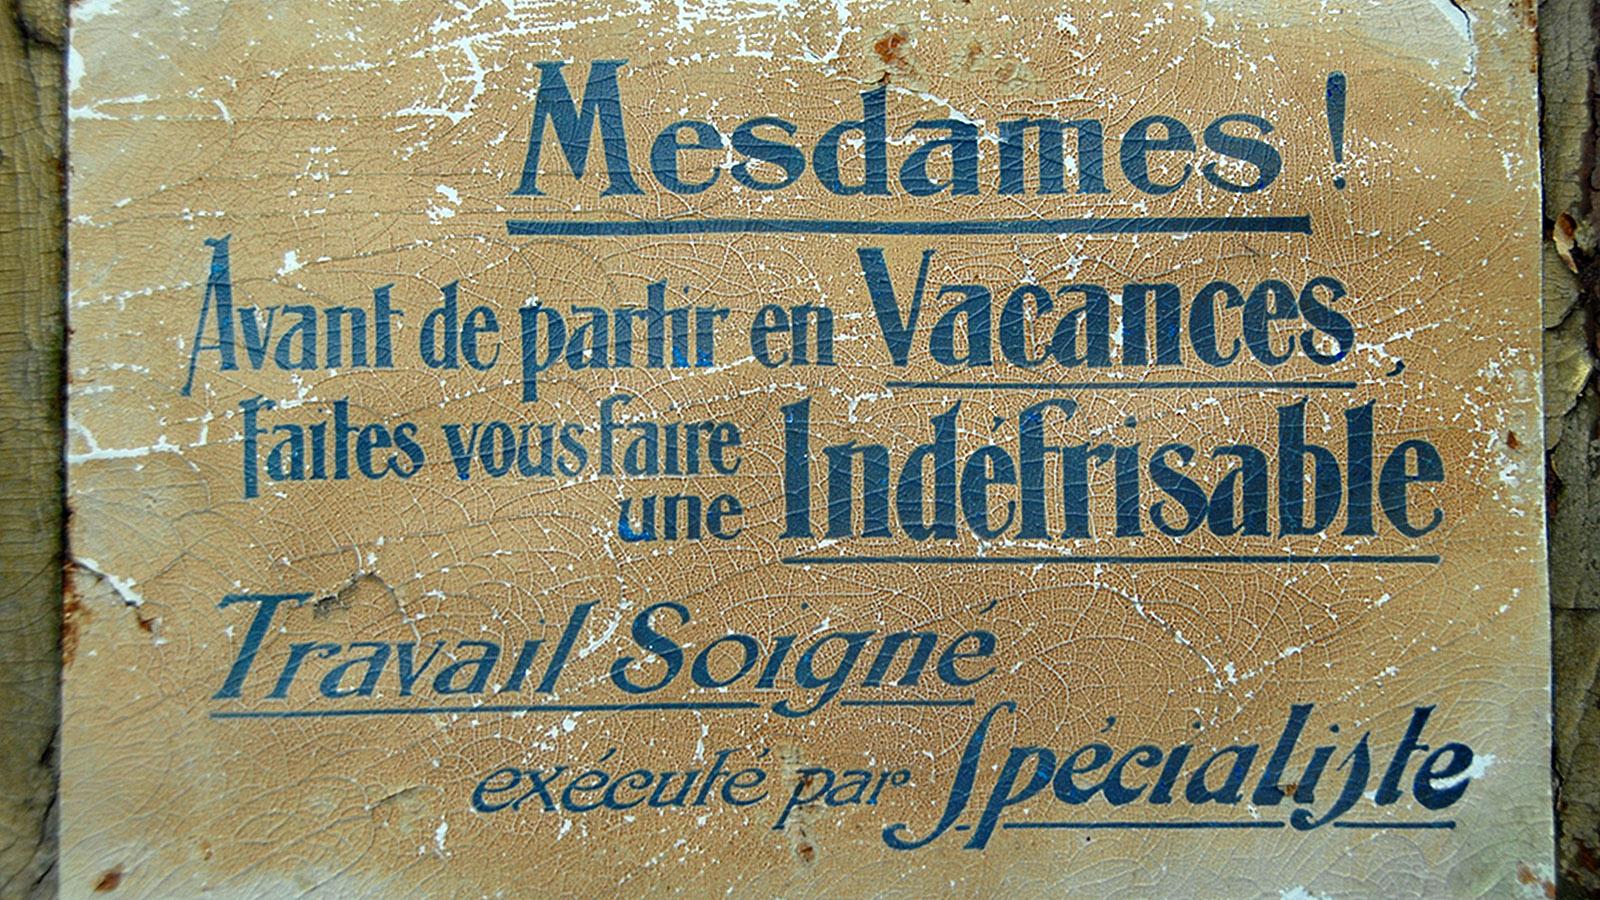 Salon Des Navigateurs: Ein Kaptain Als Coiffeur - Mein dedans Poésie Vive Les Vacances